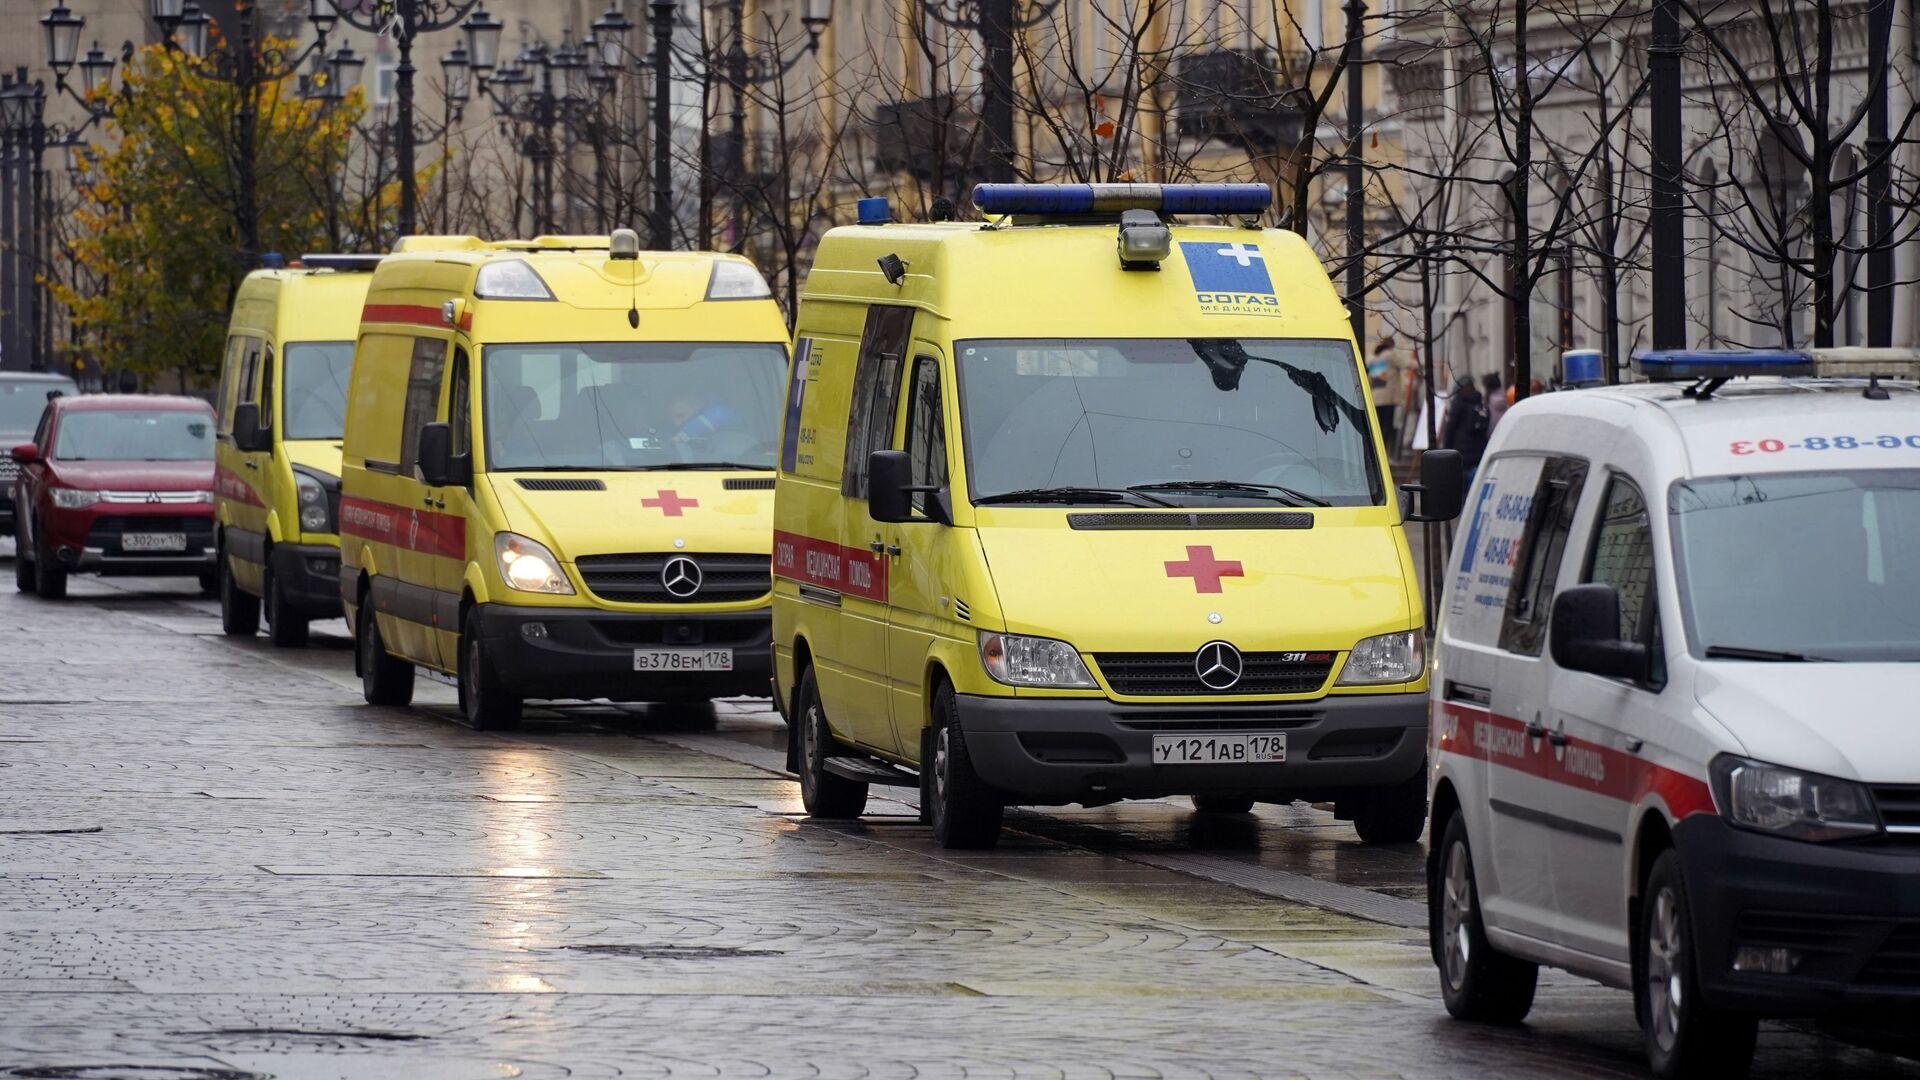 Ambulancias en Rusia durante brote de coronavirus - Sputnik Mundo, 1920, 18.03.2021